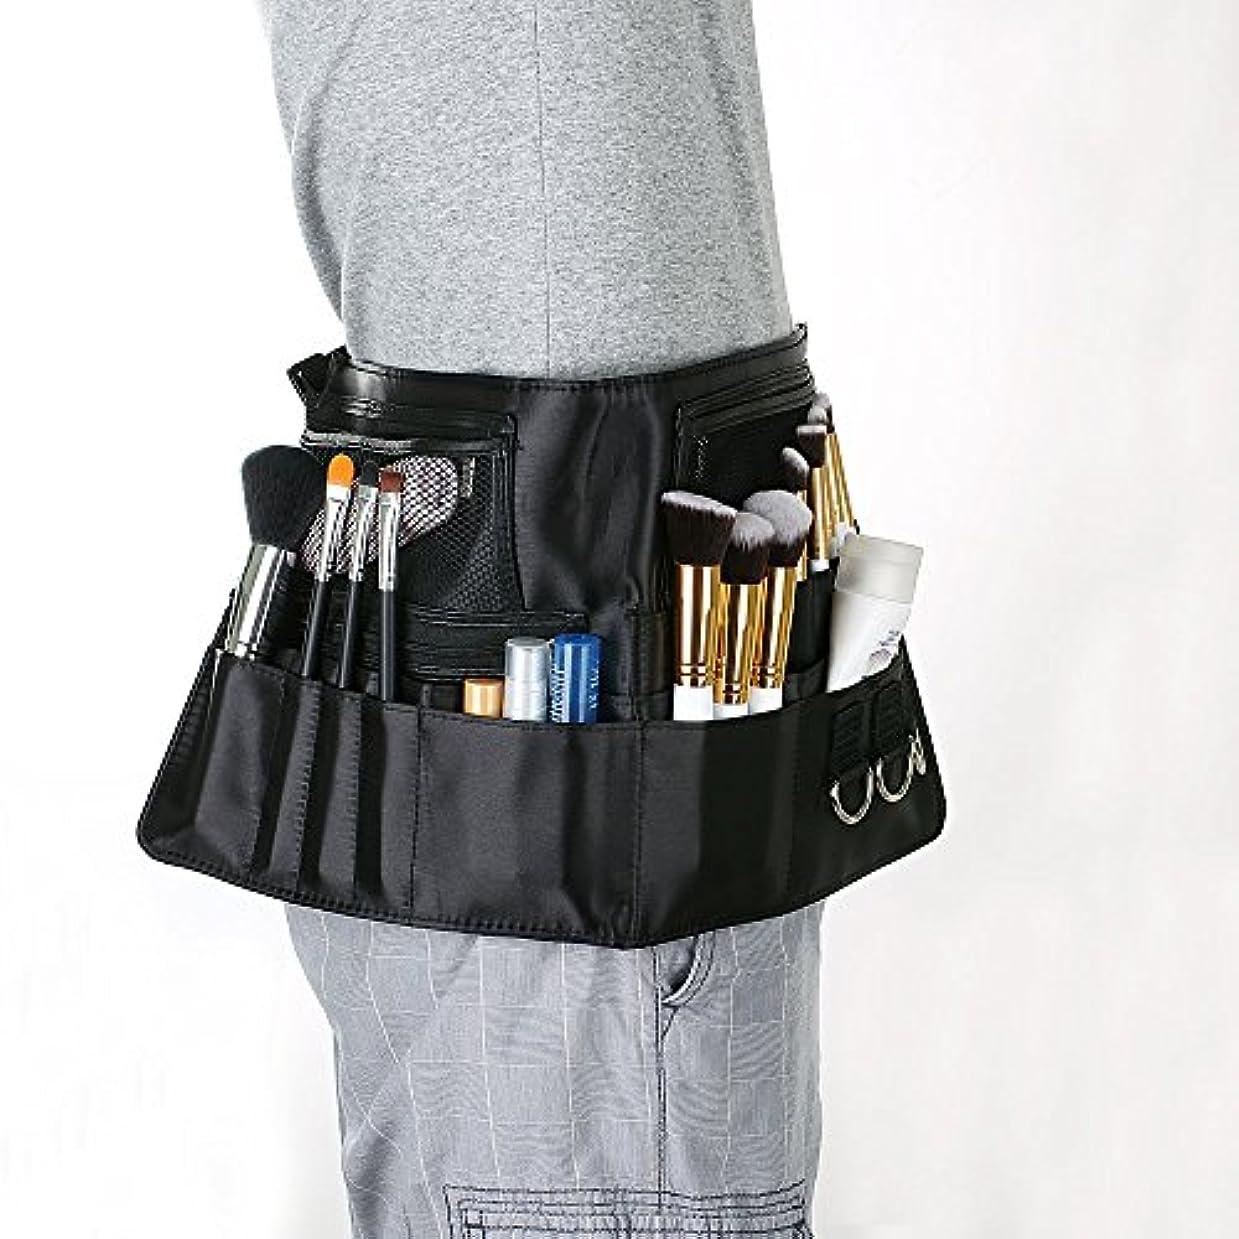 ここに手入れスマイルOGORI メイクブラシケース ラージ幅広 化粧師 美容師 プロ用 化粧バッグ 腰巻き ストラップバッグ 多機能 化粧ブラシ収納 ワンタッチ装着